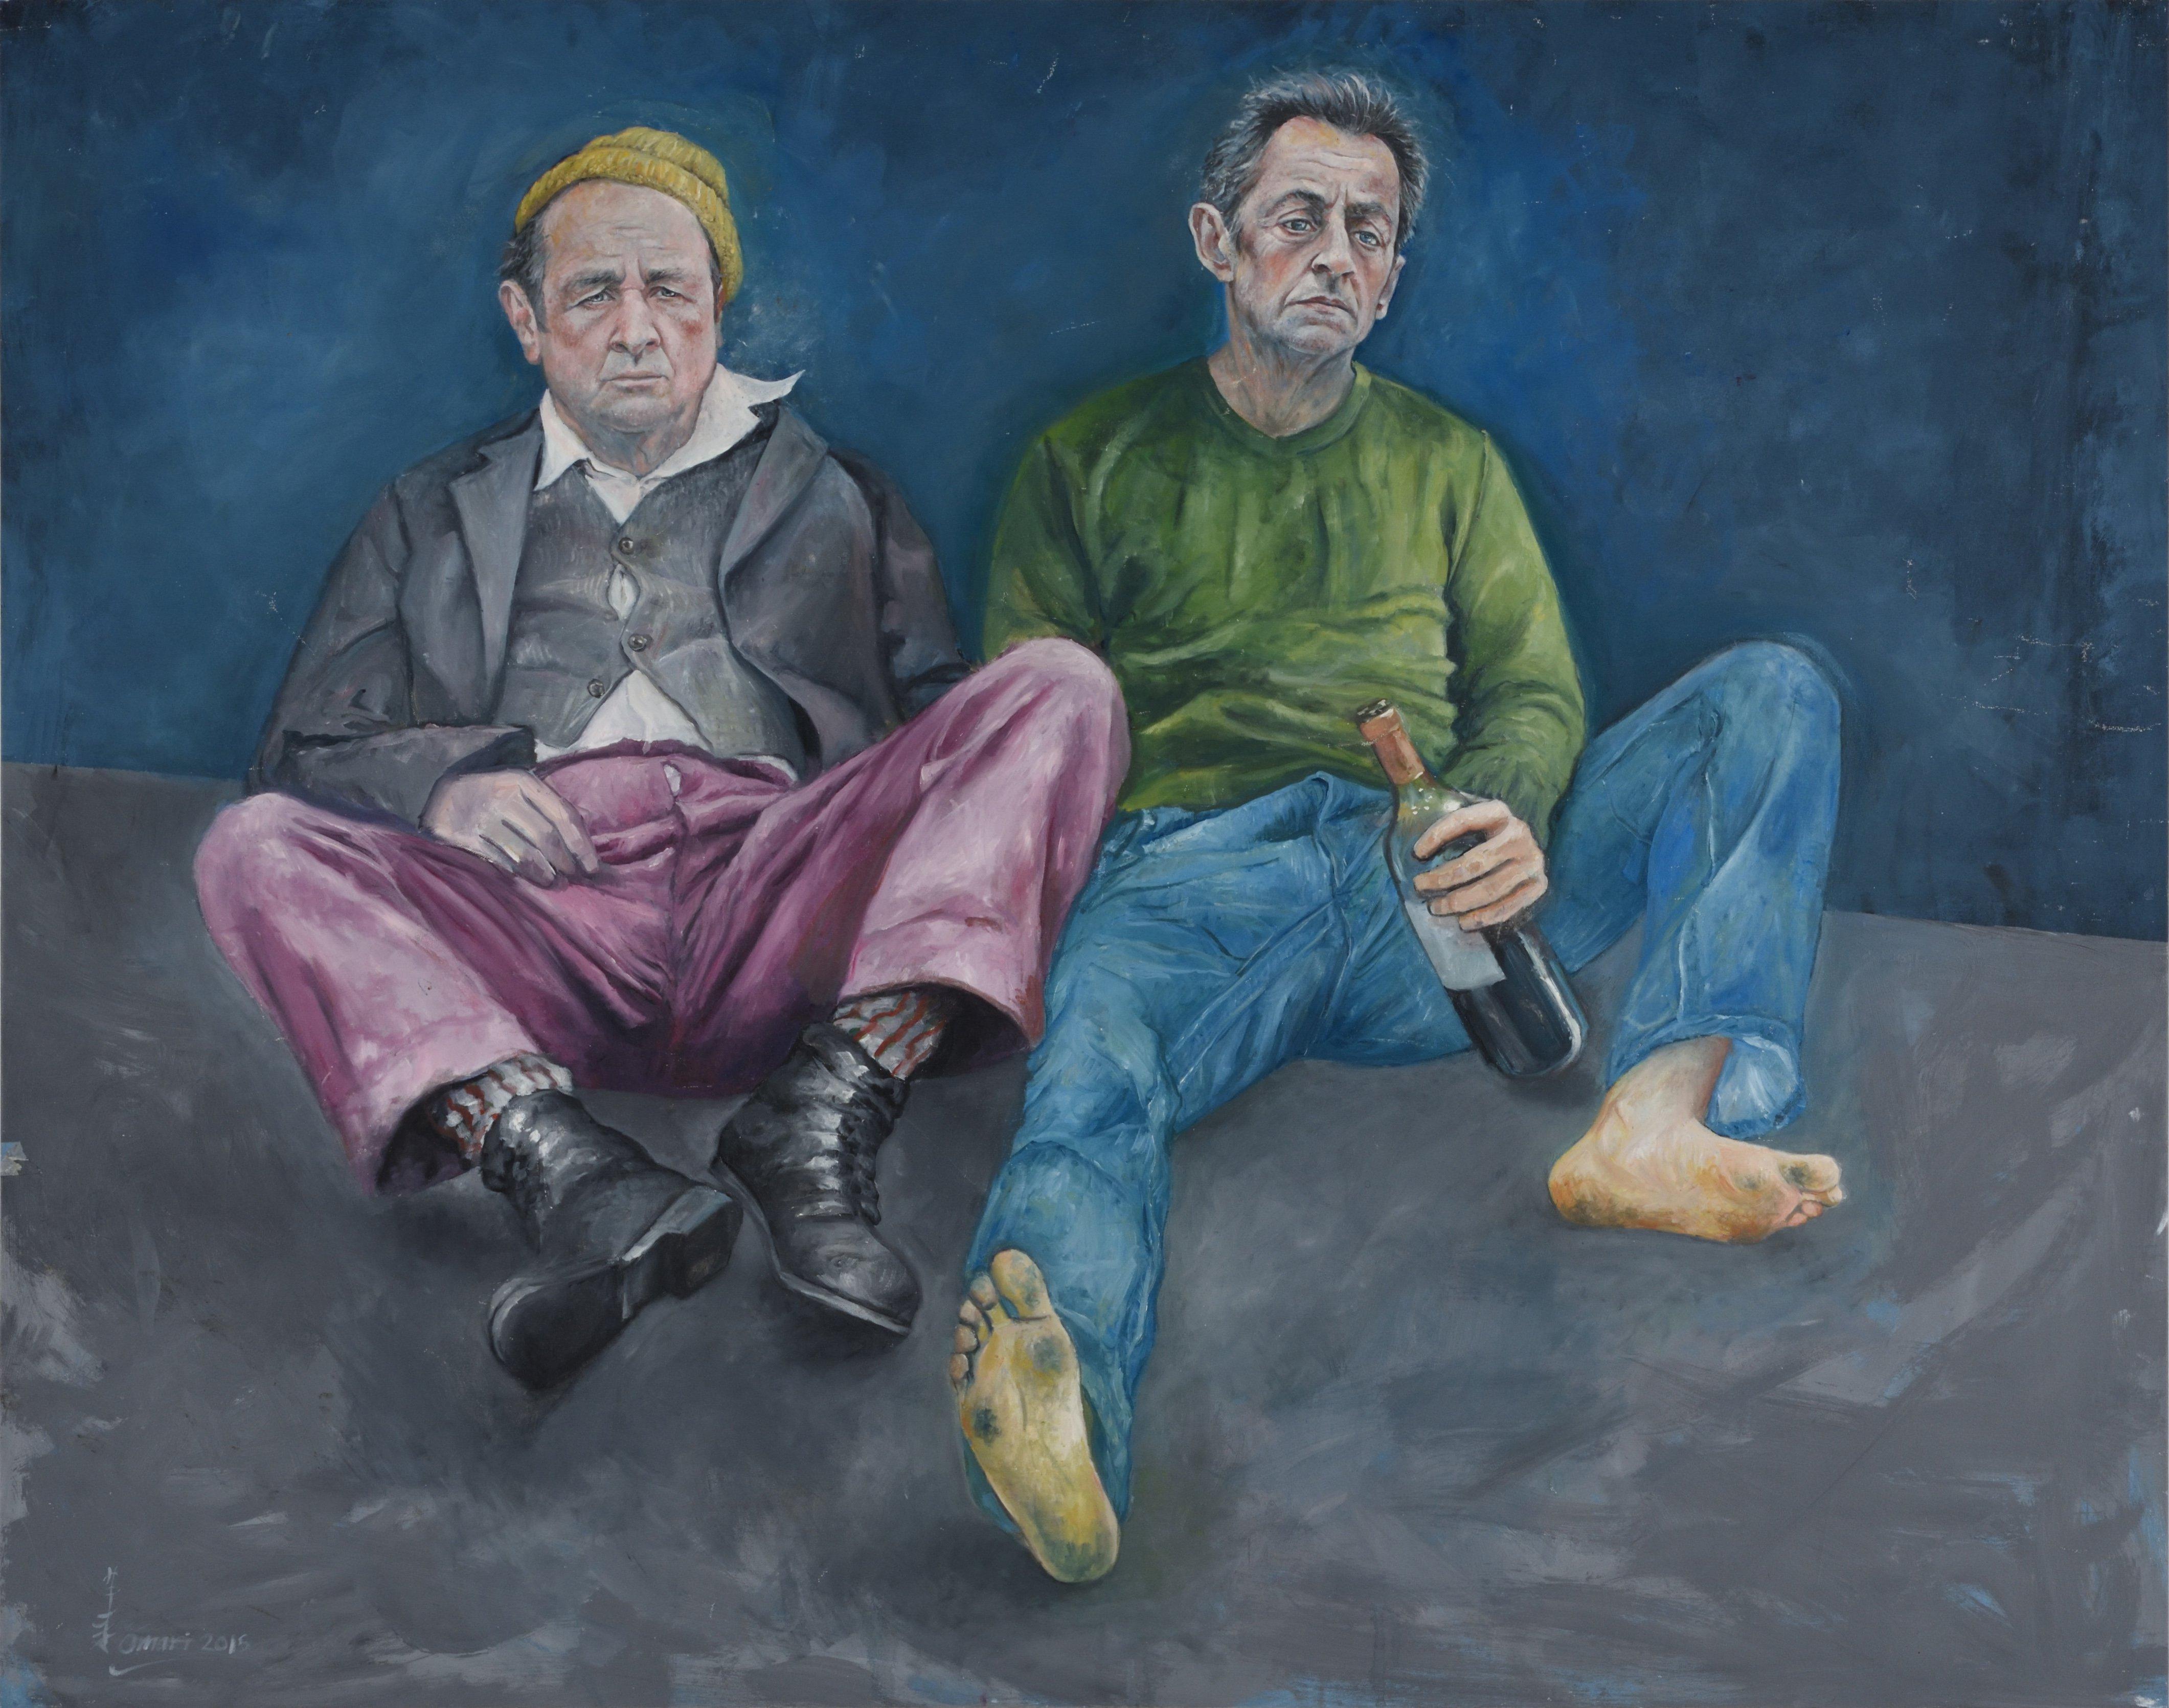 AO15 Abdalla Al Omari 'Francois et Nikolas' 165 x 205 cm Oil and acrylic on canvas 2015.jpg